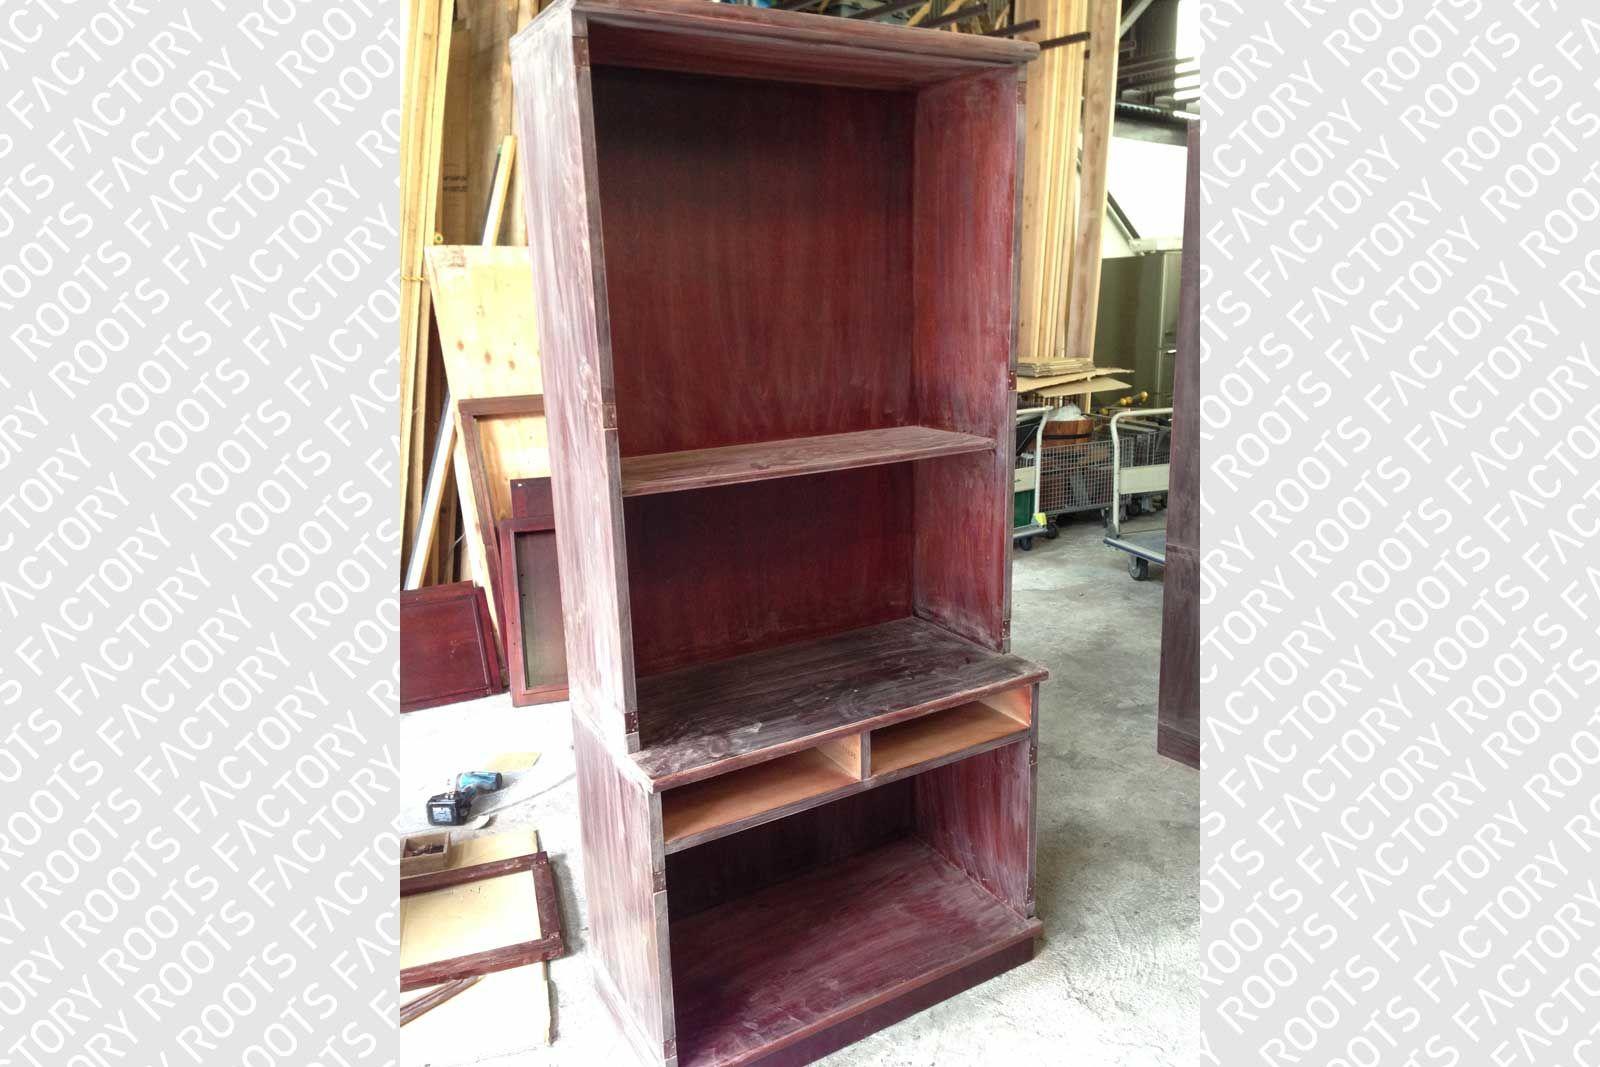 木製の食器棚を真白に塗装&引き出し・扉を製作しリメイク(before)